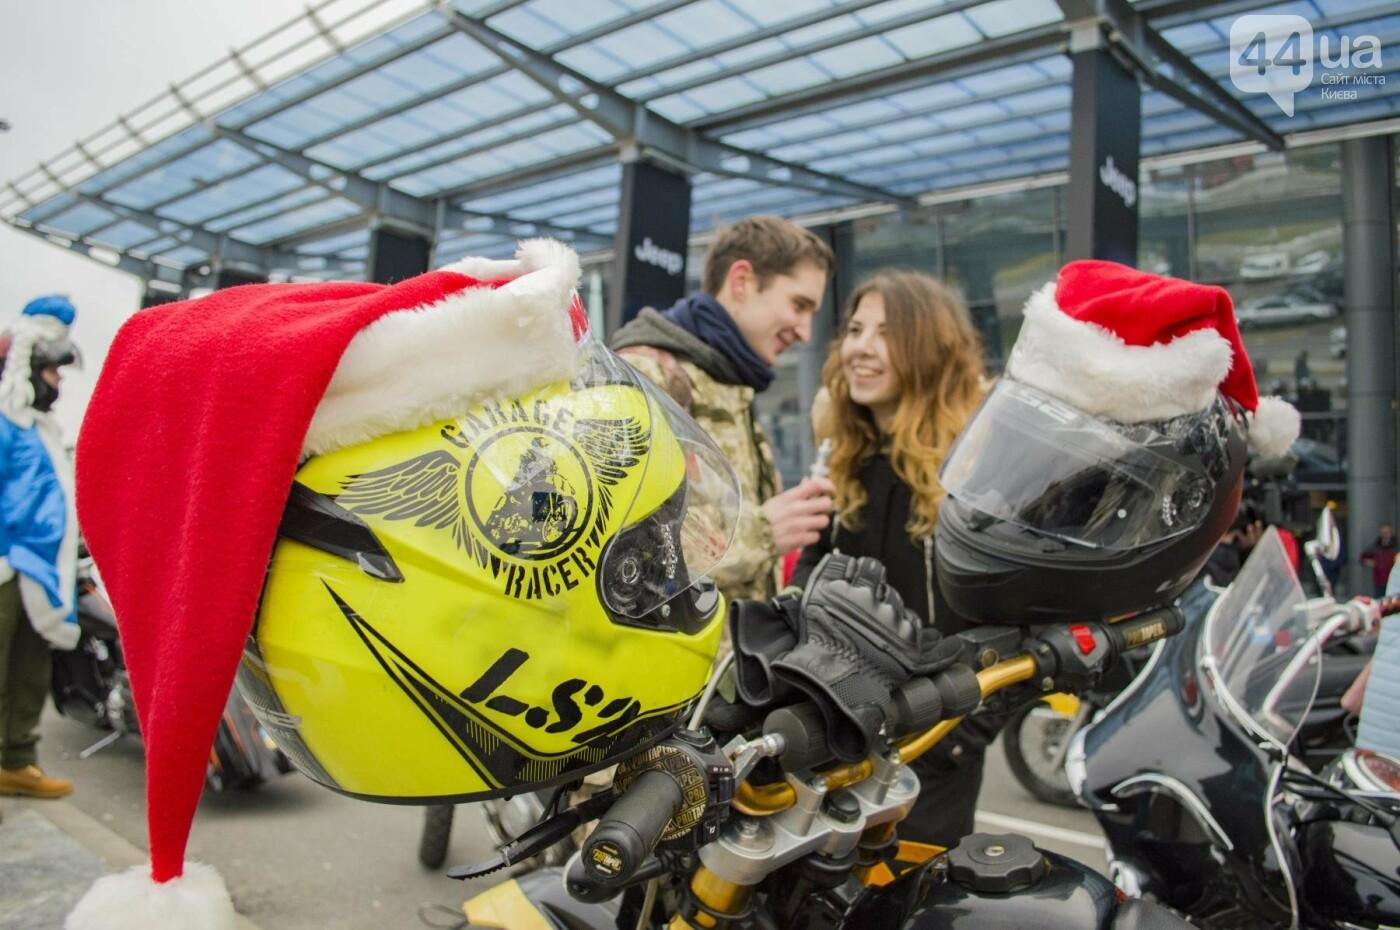 В Киеве брутальные байкеры в костюмах Санта-Клаусов устроили масштабный мотопробег (ФОТО), фото-10